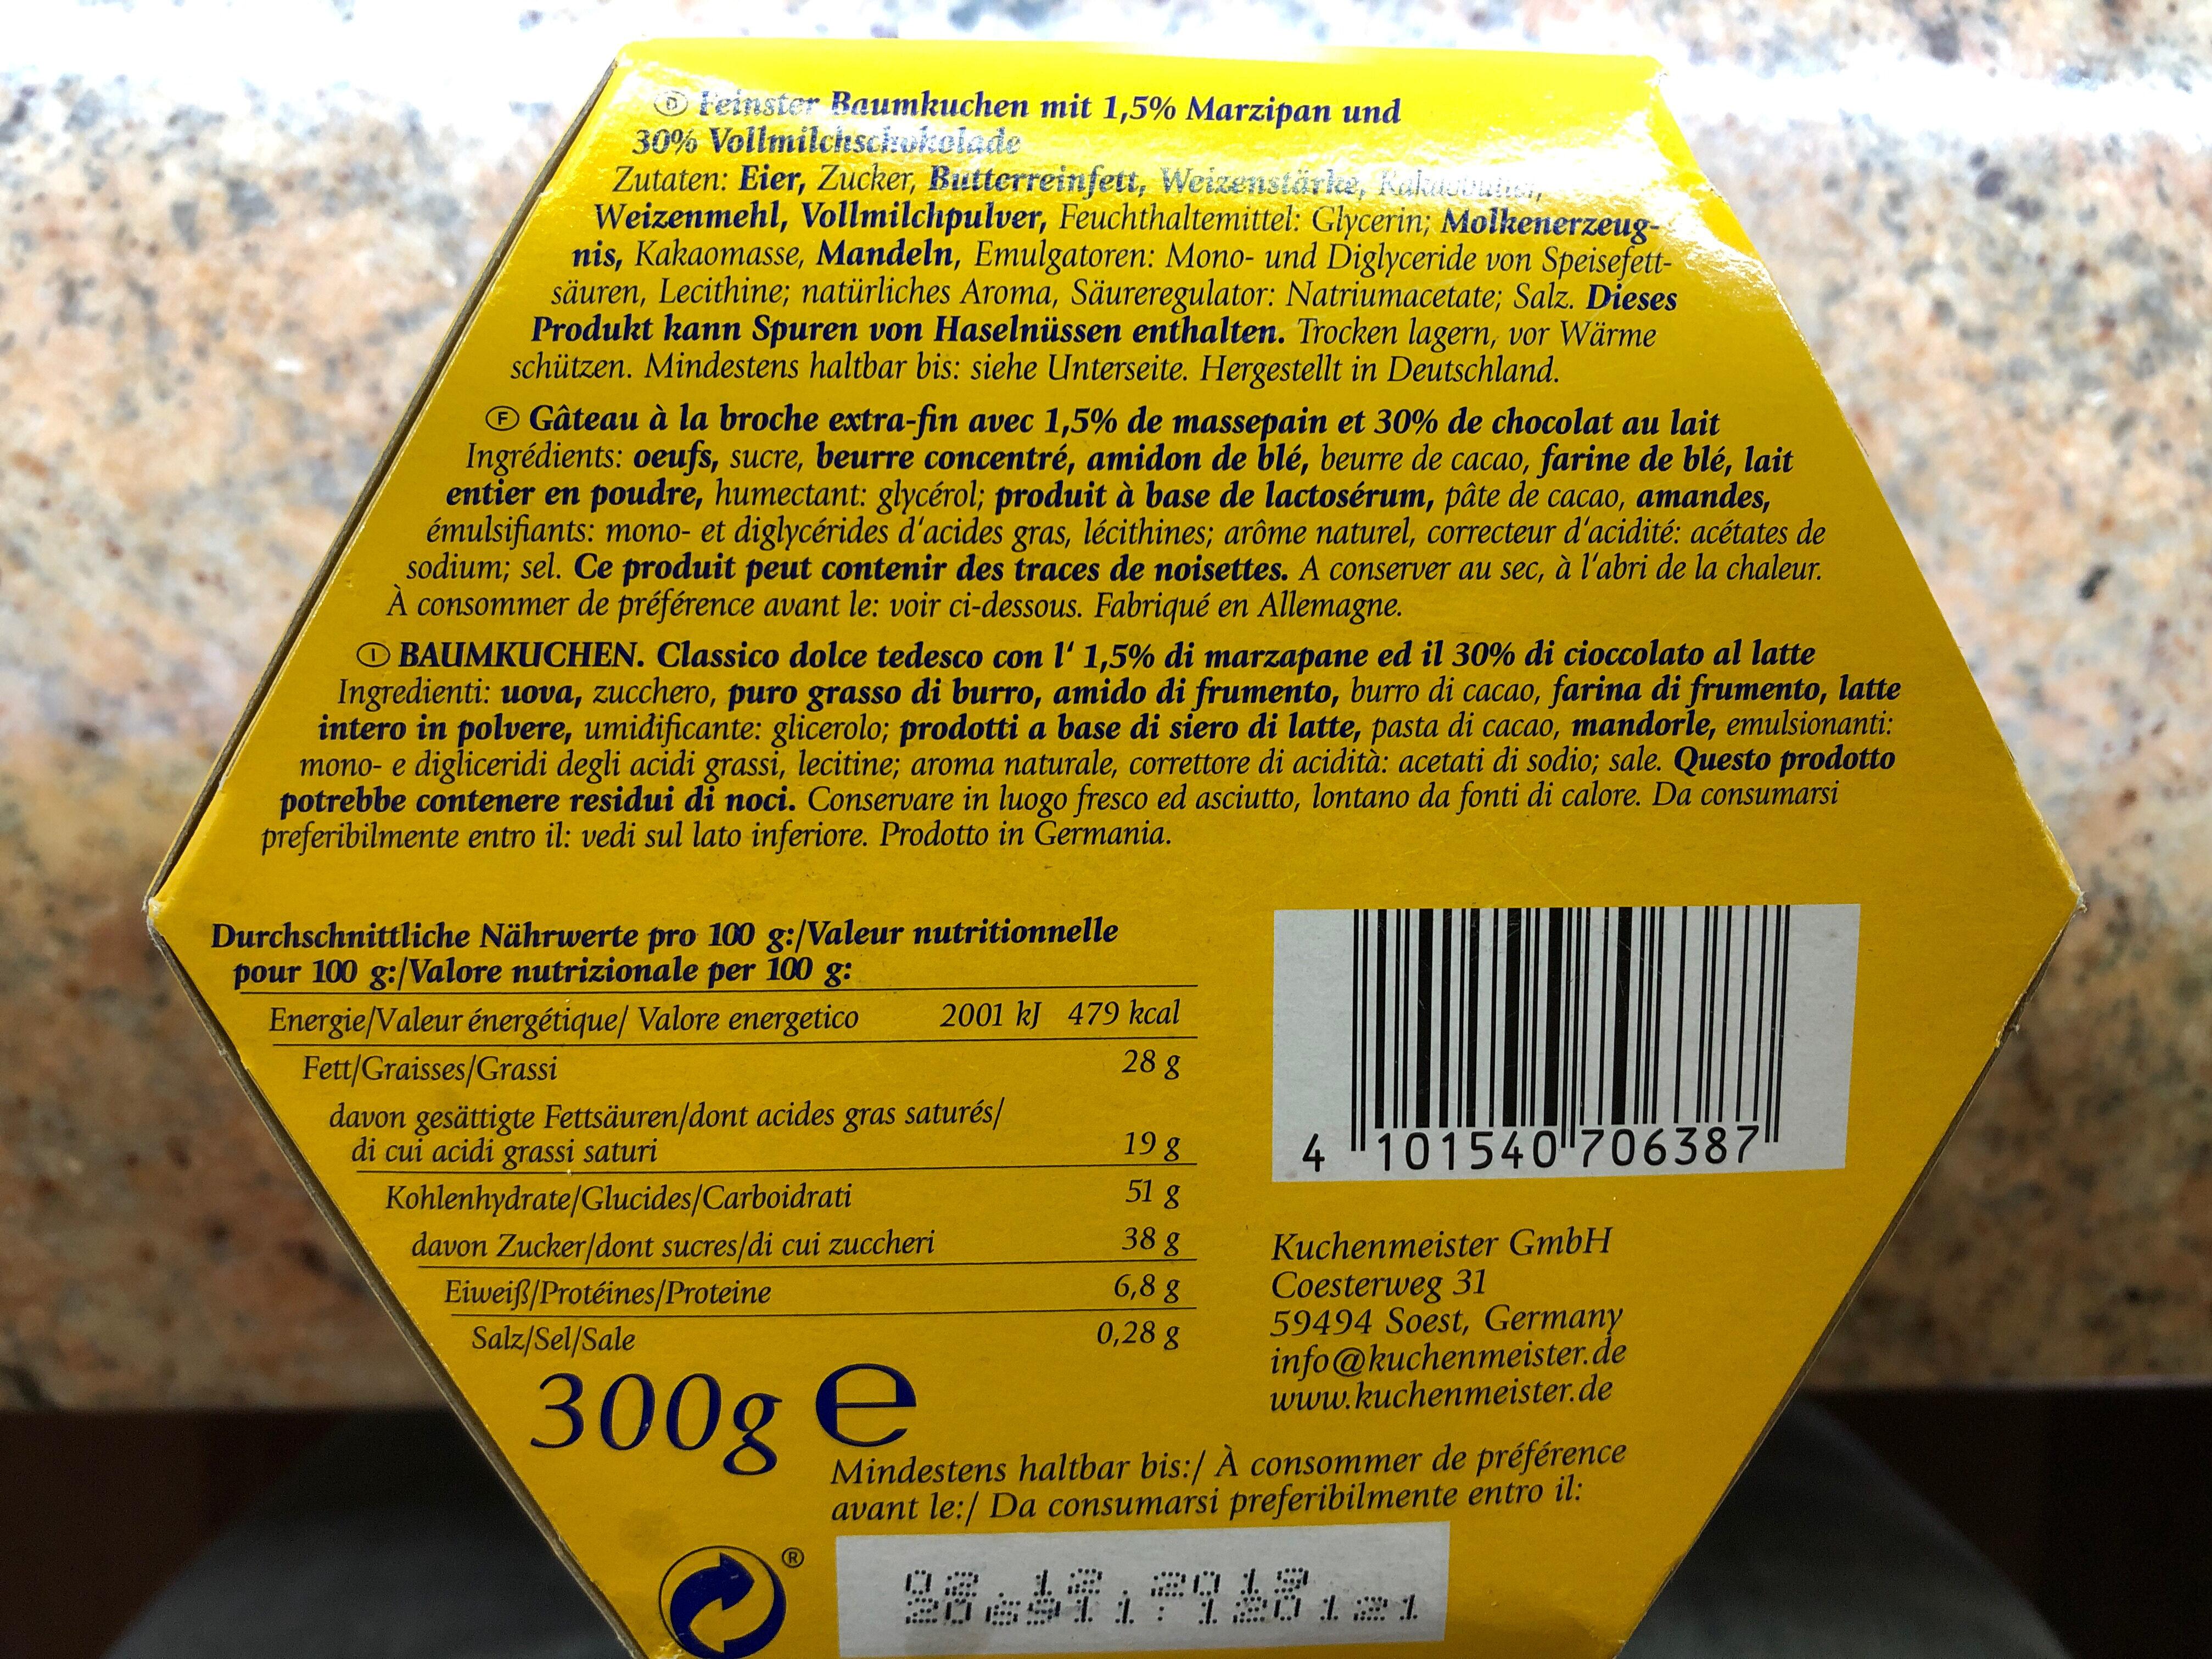 Baum kuchen - Ingredients